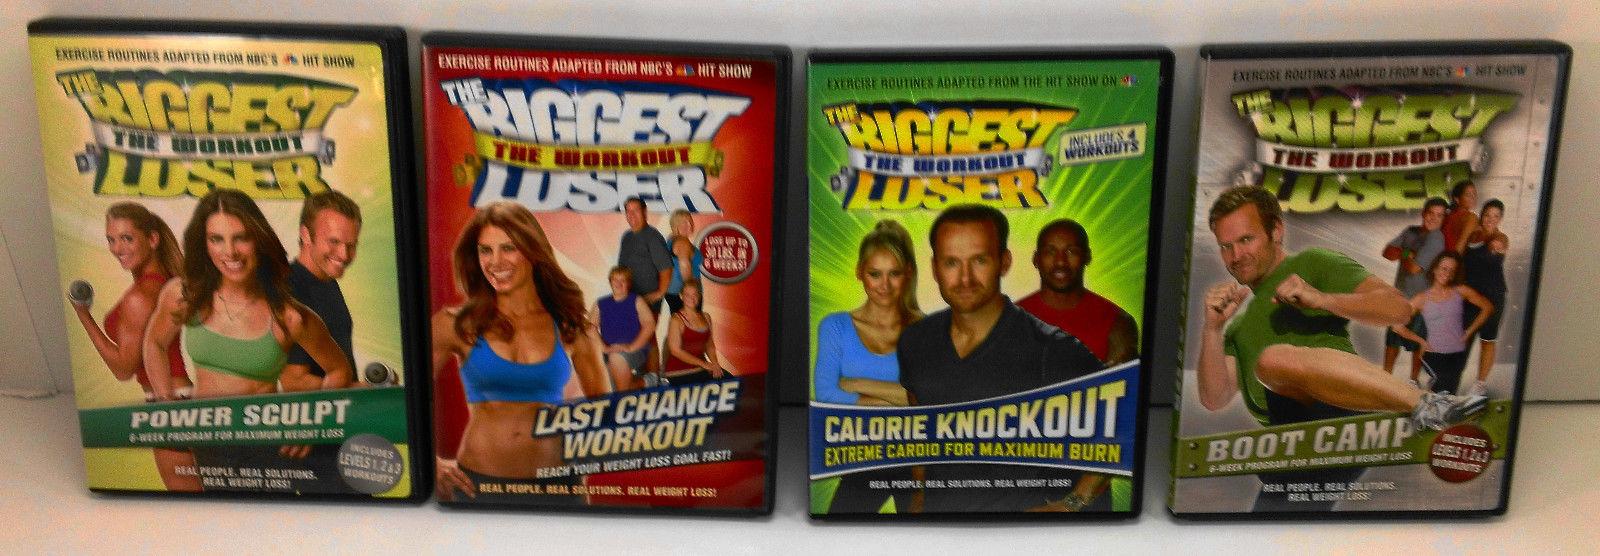 Biggest Loser Workout Fitness DVDs